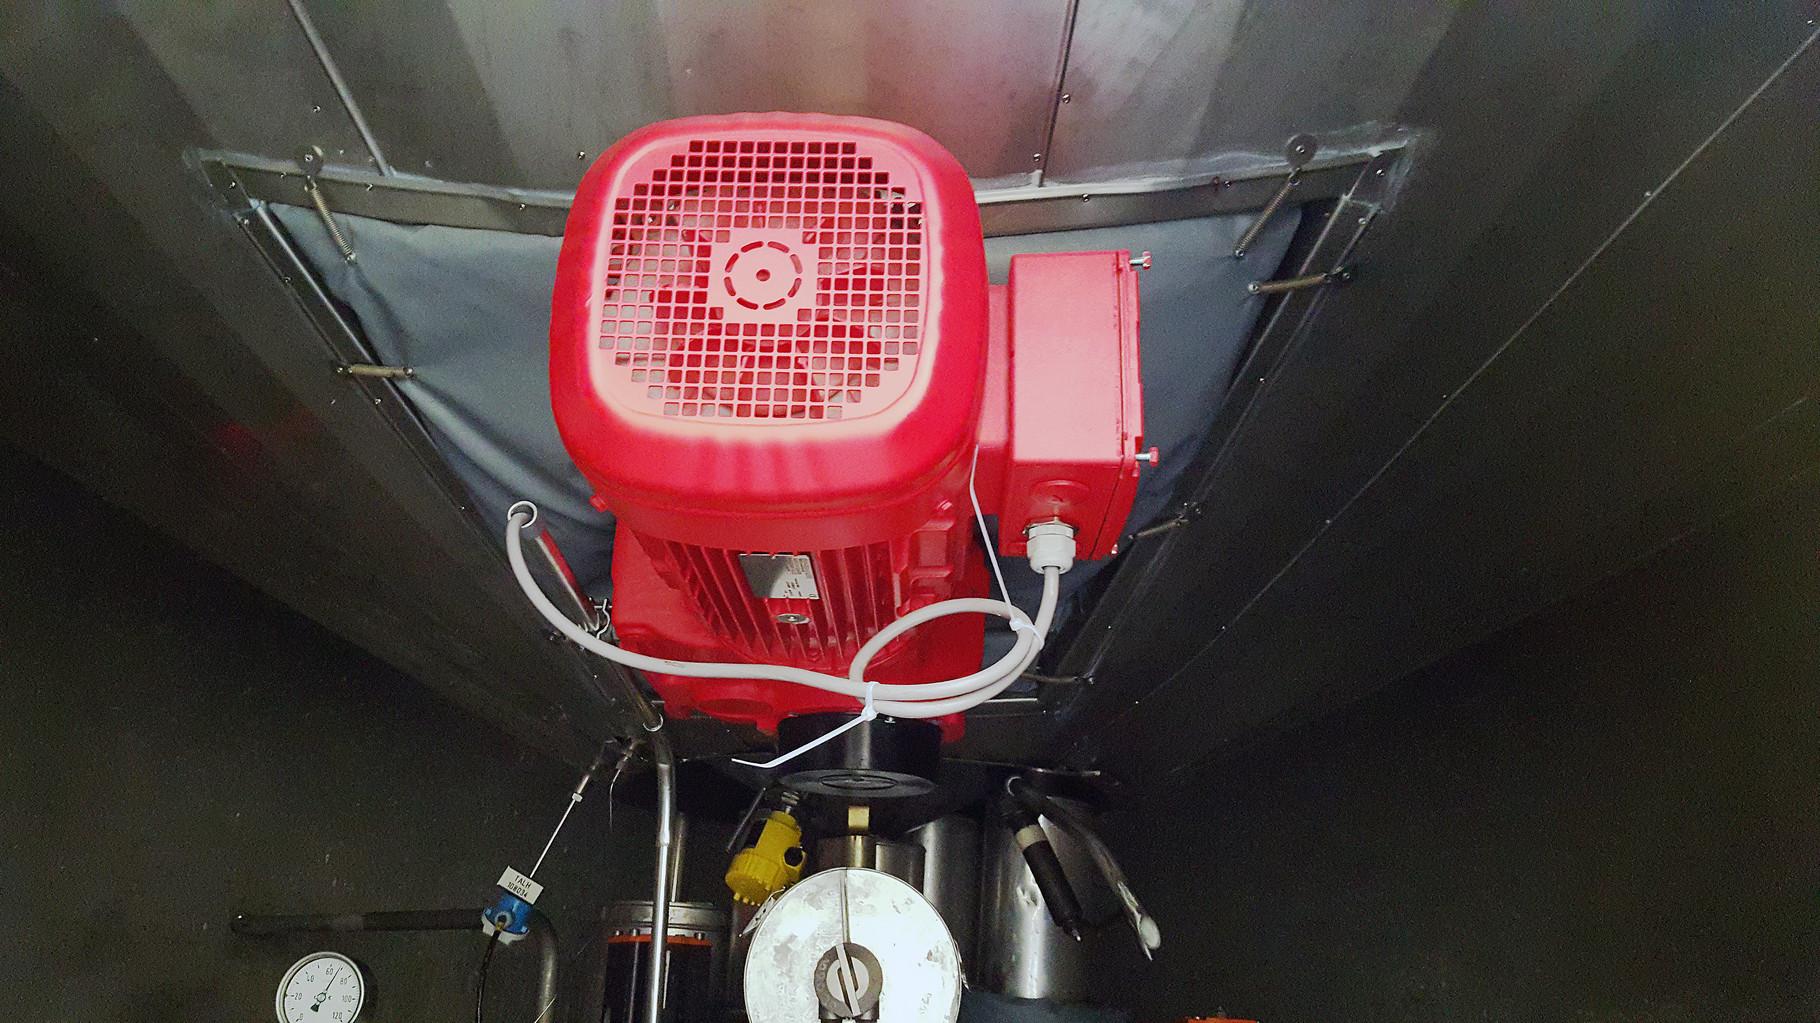 Tankrührwerk in der Lebensmittelindustrie mit Armaturenkissendämmung